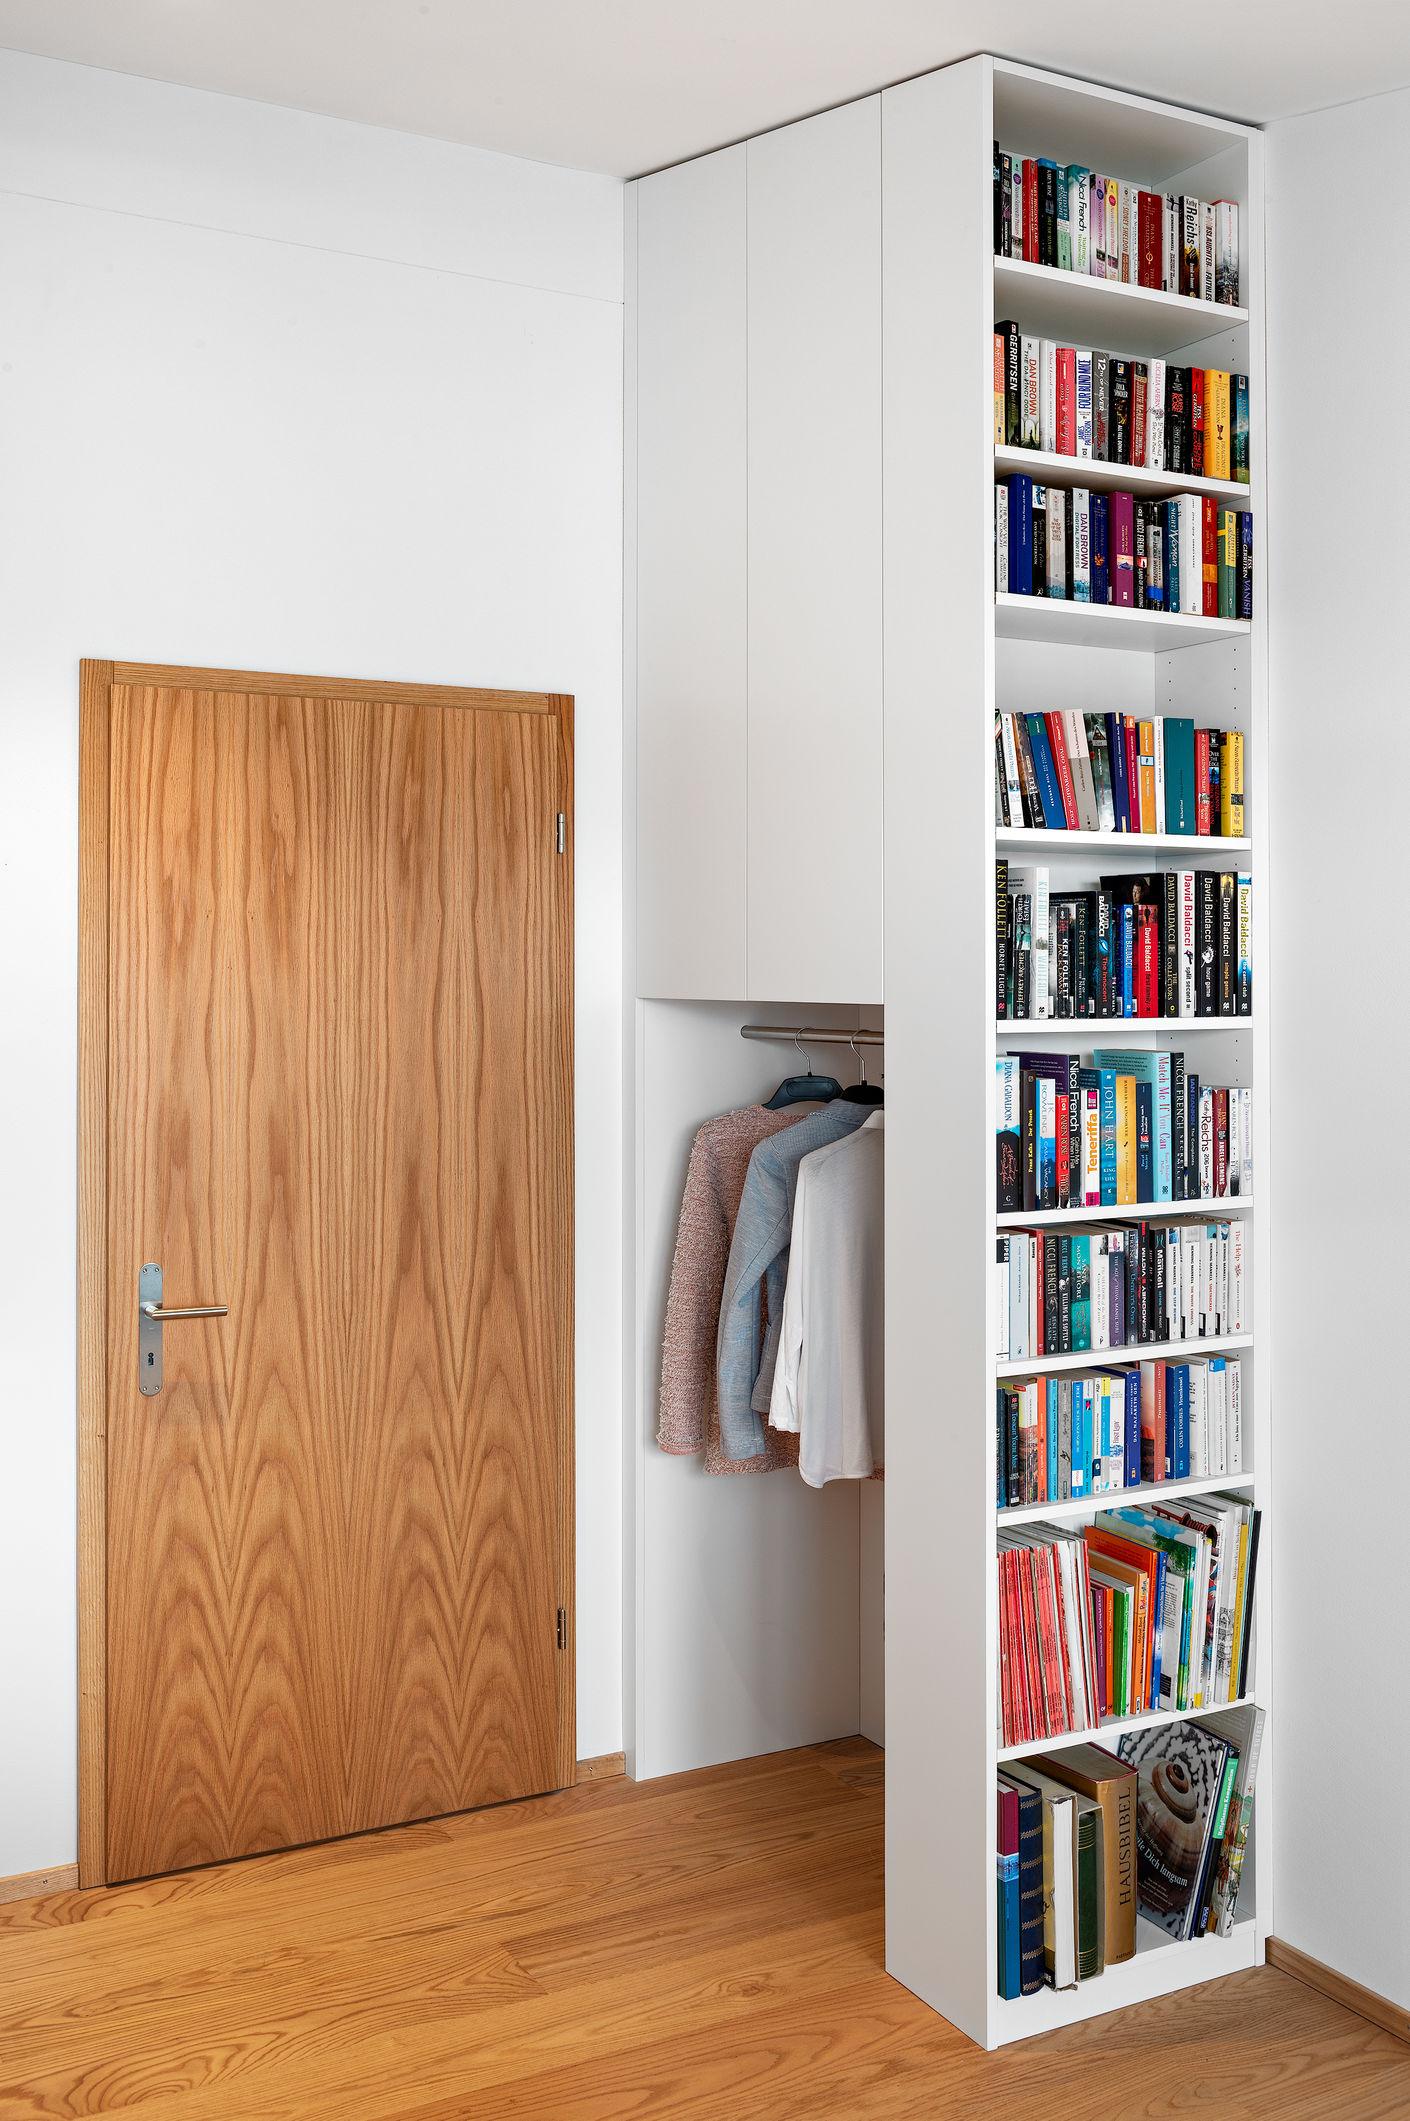 Garderobe & Bücherregal: In diesem Gästezimmer wird der raumhohe Stauraum optimal ausgenutzt. Im Sockel versteckt lässt sich eine kleine zusammenklappbare Leiter herausziehen.